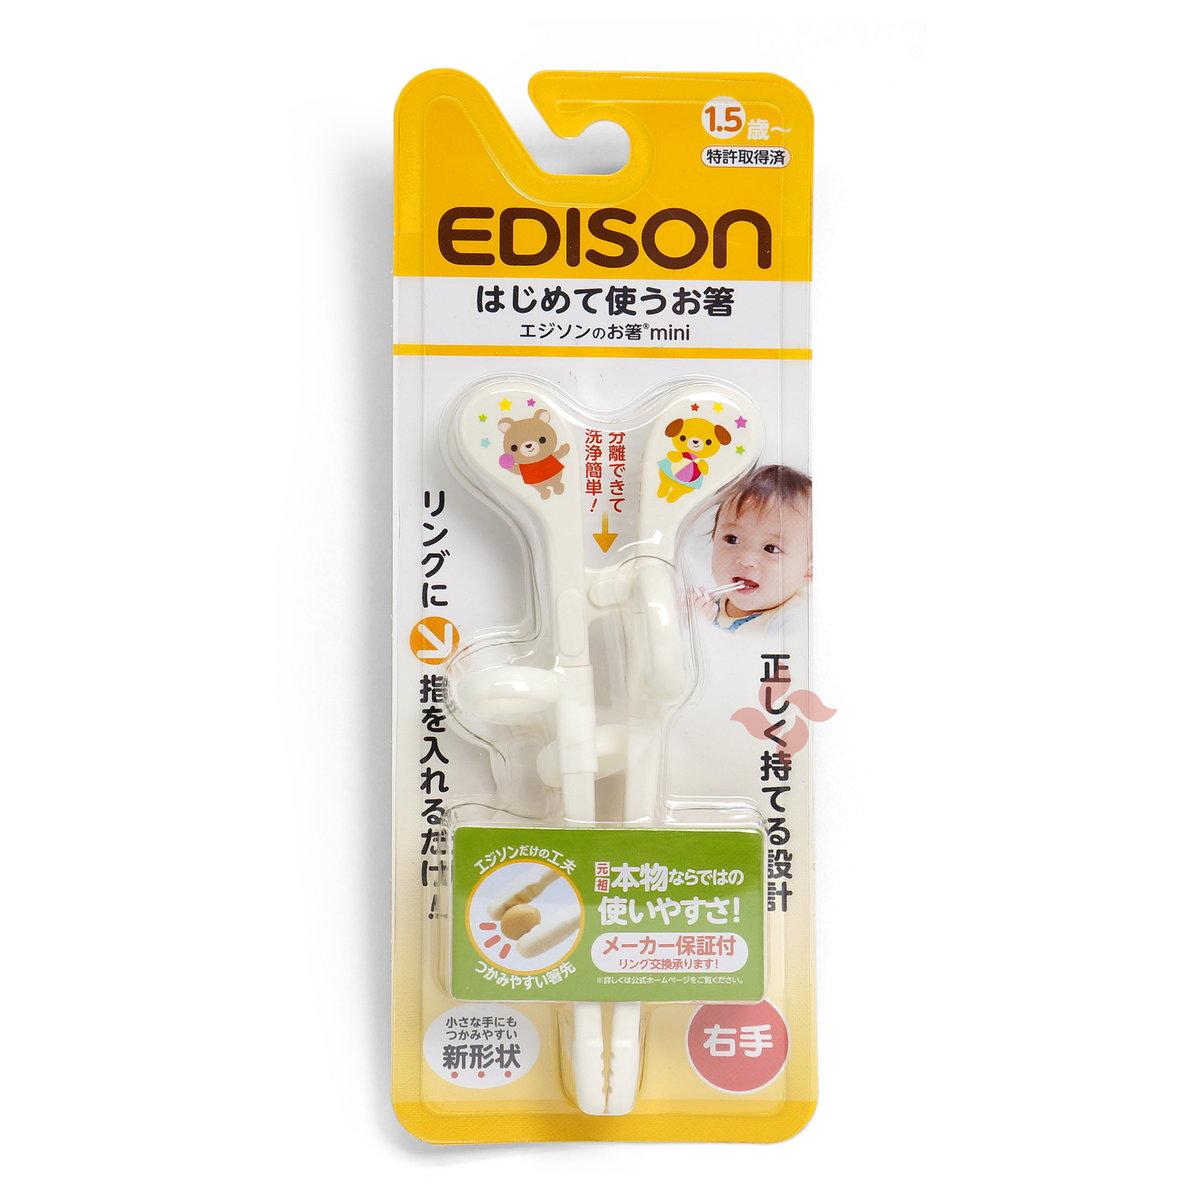 寶寶訓練筷子(白色) 右手用1.5歲開始(4544742901103)